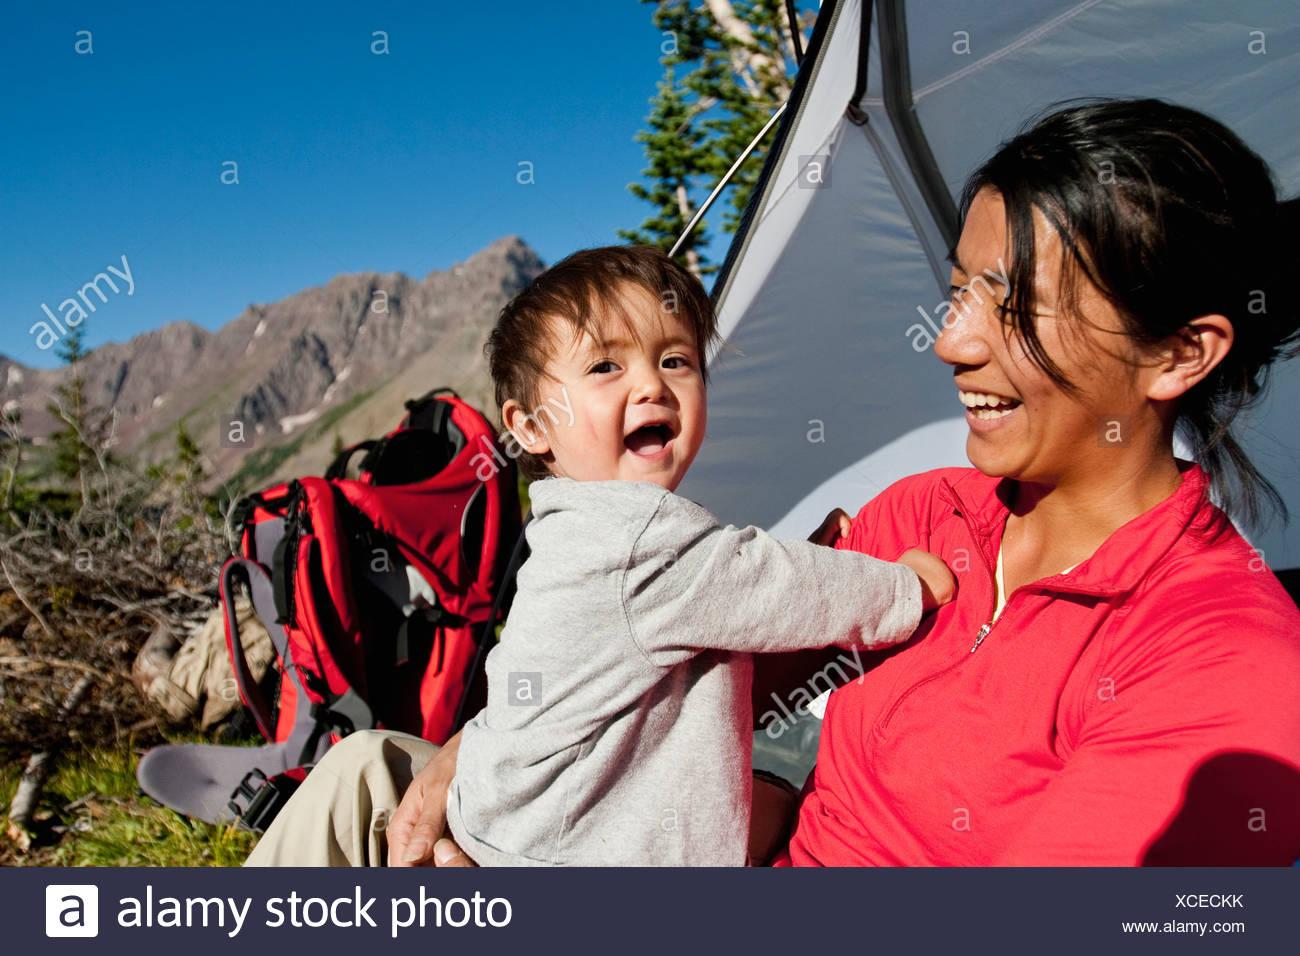 Madre veglia figlio di 14 mesi giocare nel prato di camp. Backpacking trip Maroon Bells in Snowmass deserto fuori Aspen Immagini Stock